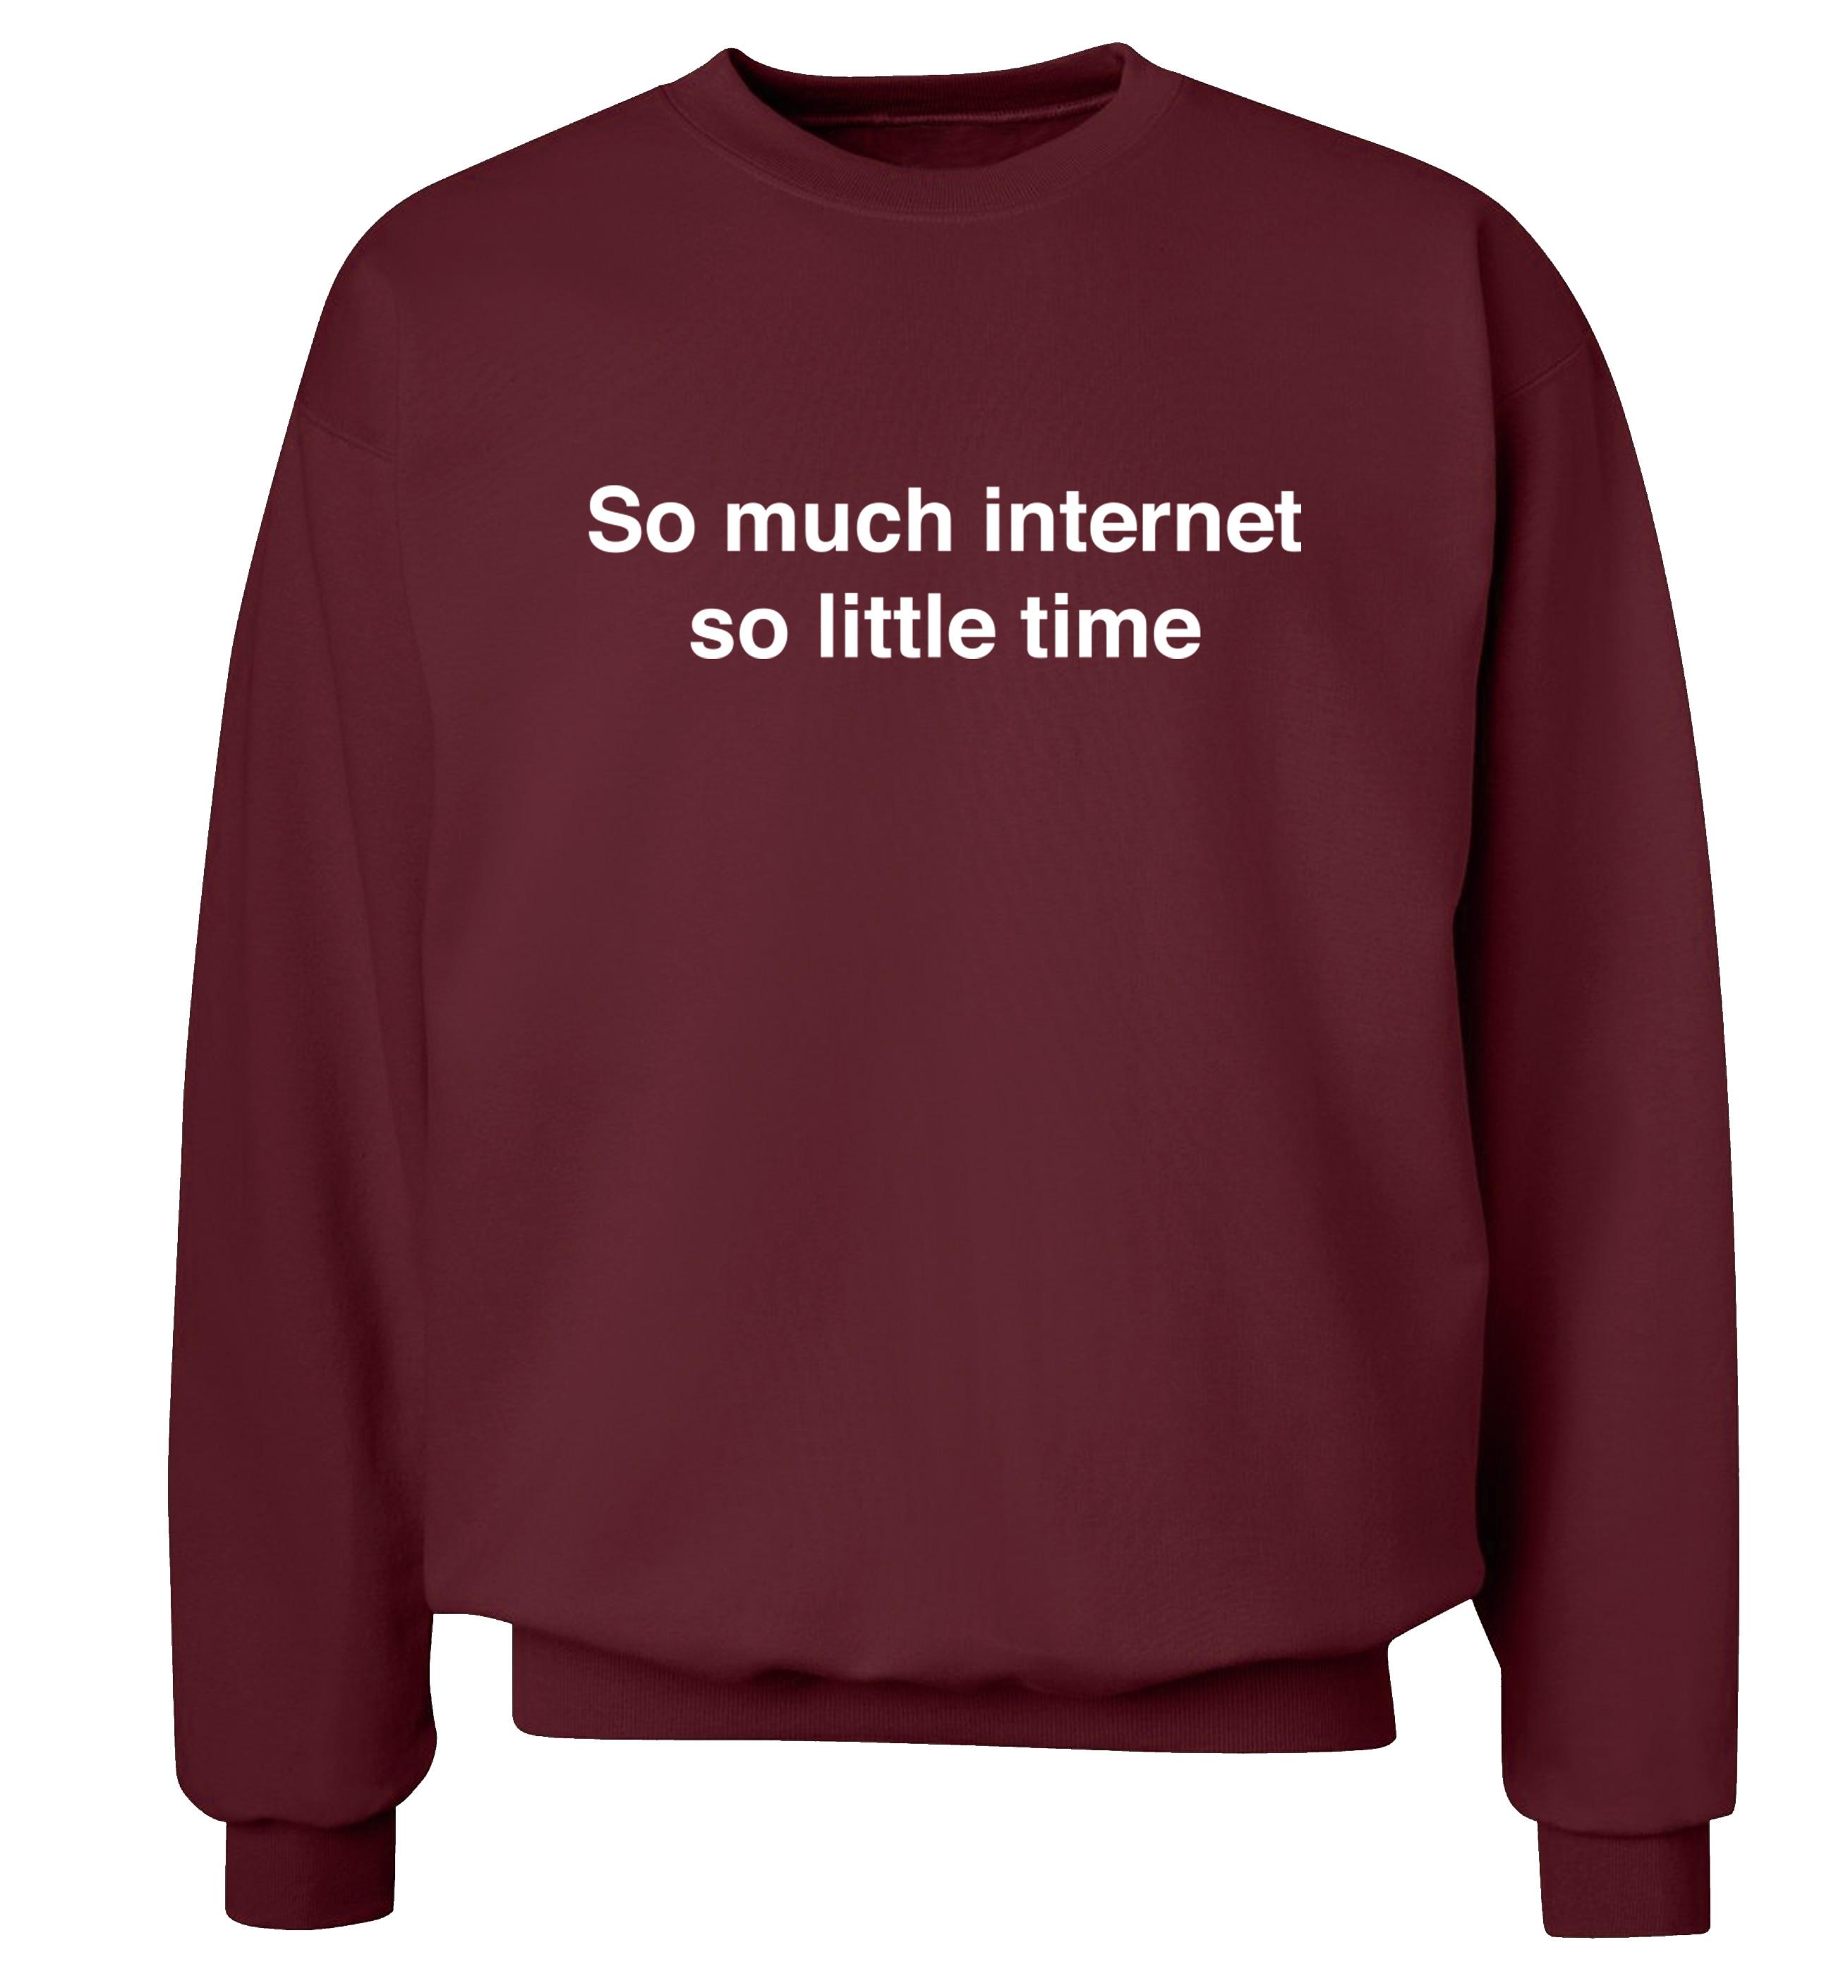 Normal heartbeat vs when I fangirl hoodie or sweatshirt joke funny fandom geek nerd tumblr instagram boy bands hipster gift XS - 2XL 144 scAHtC